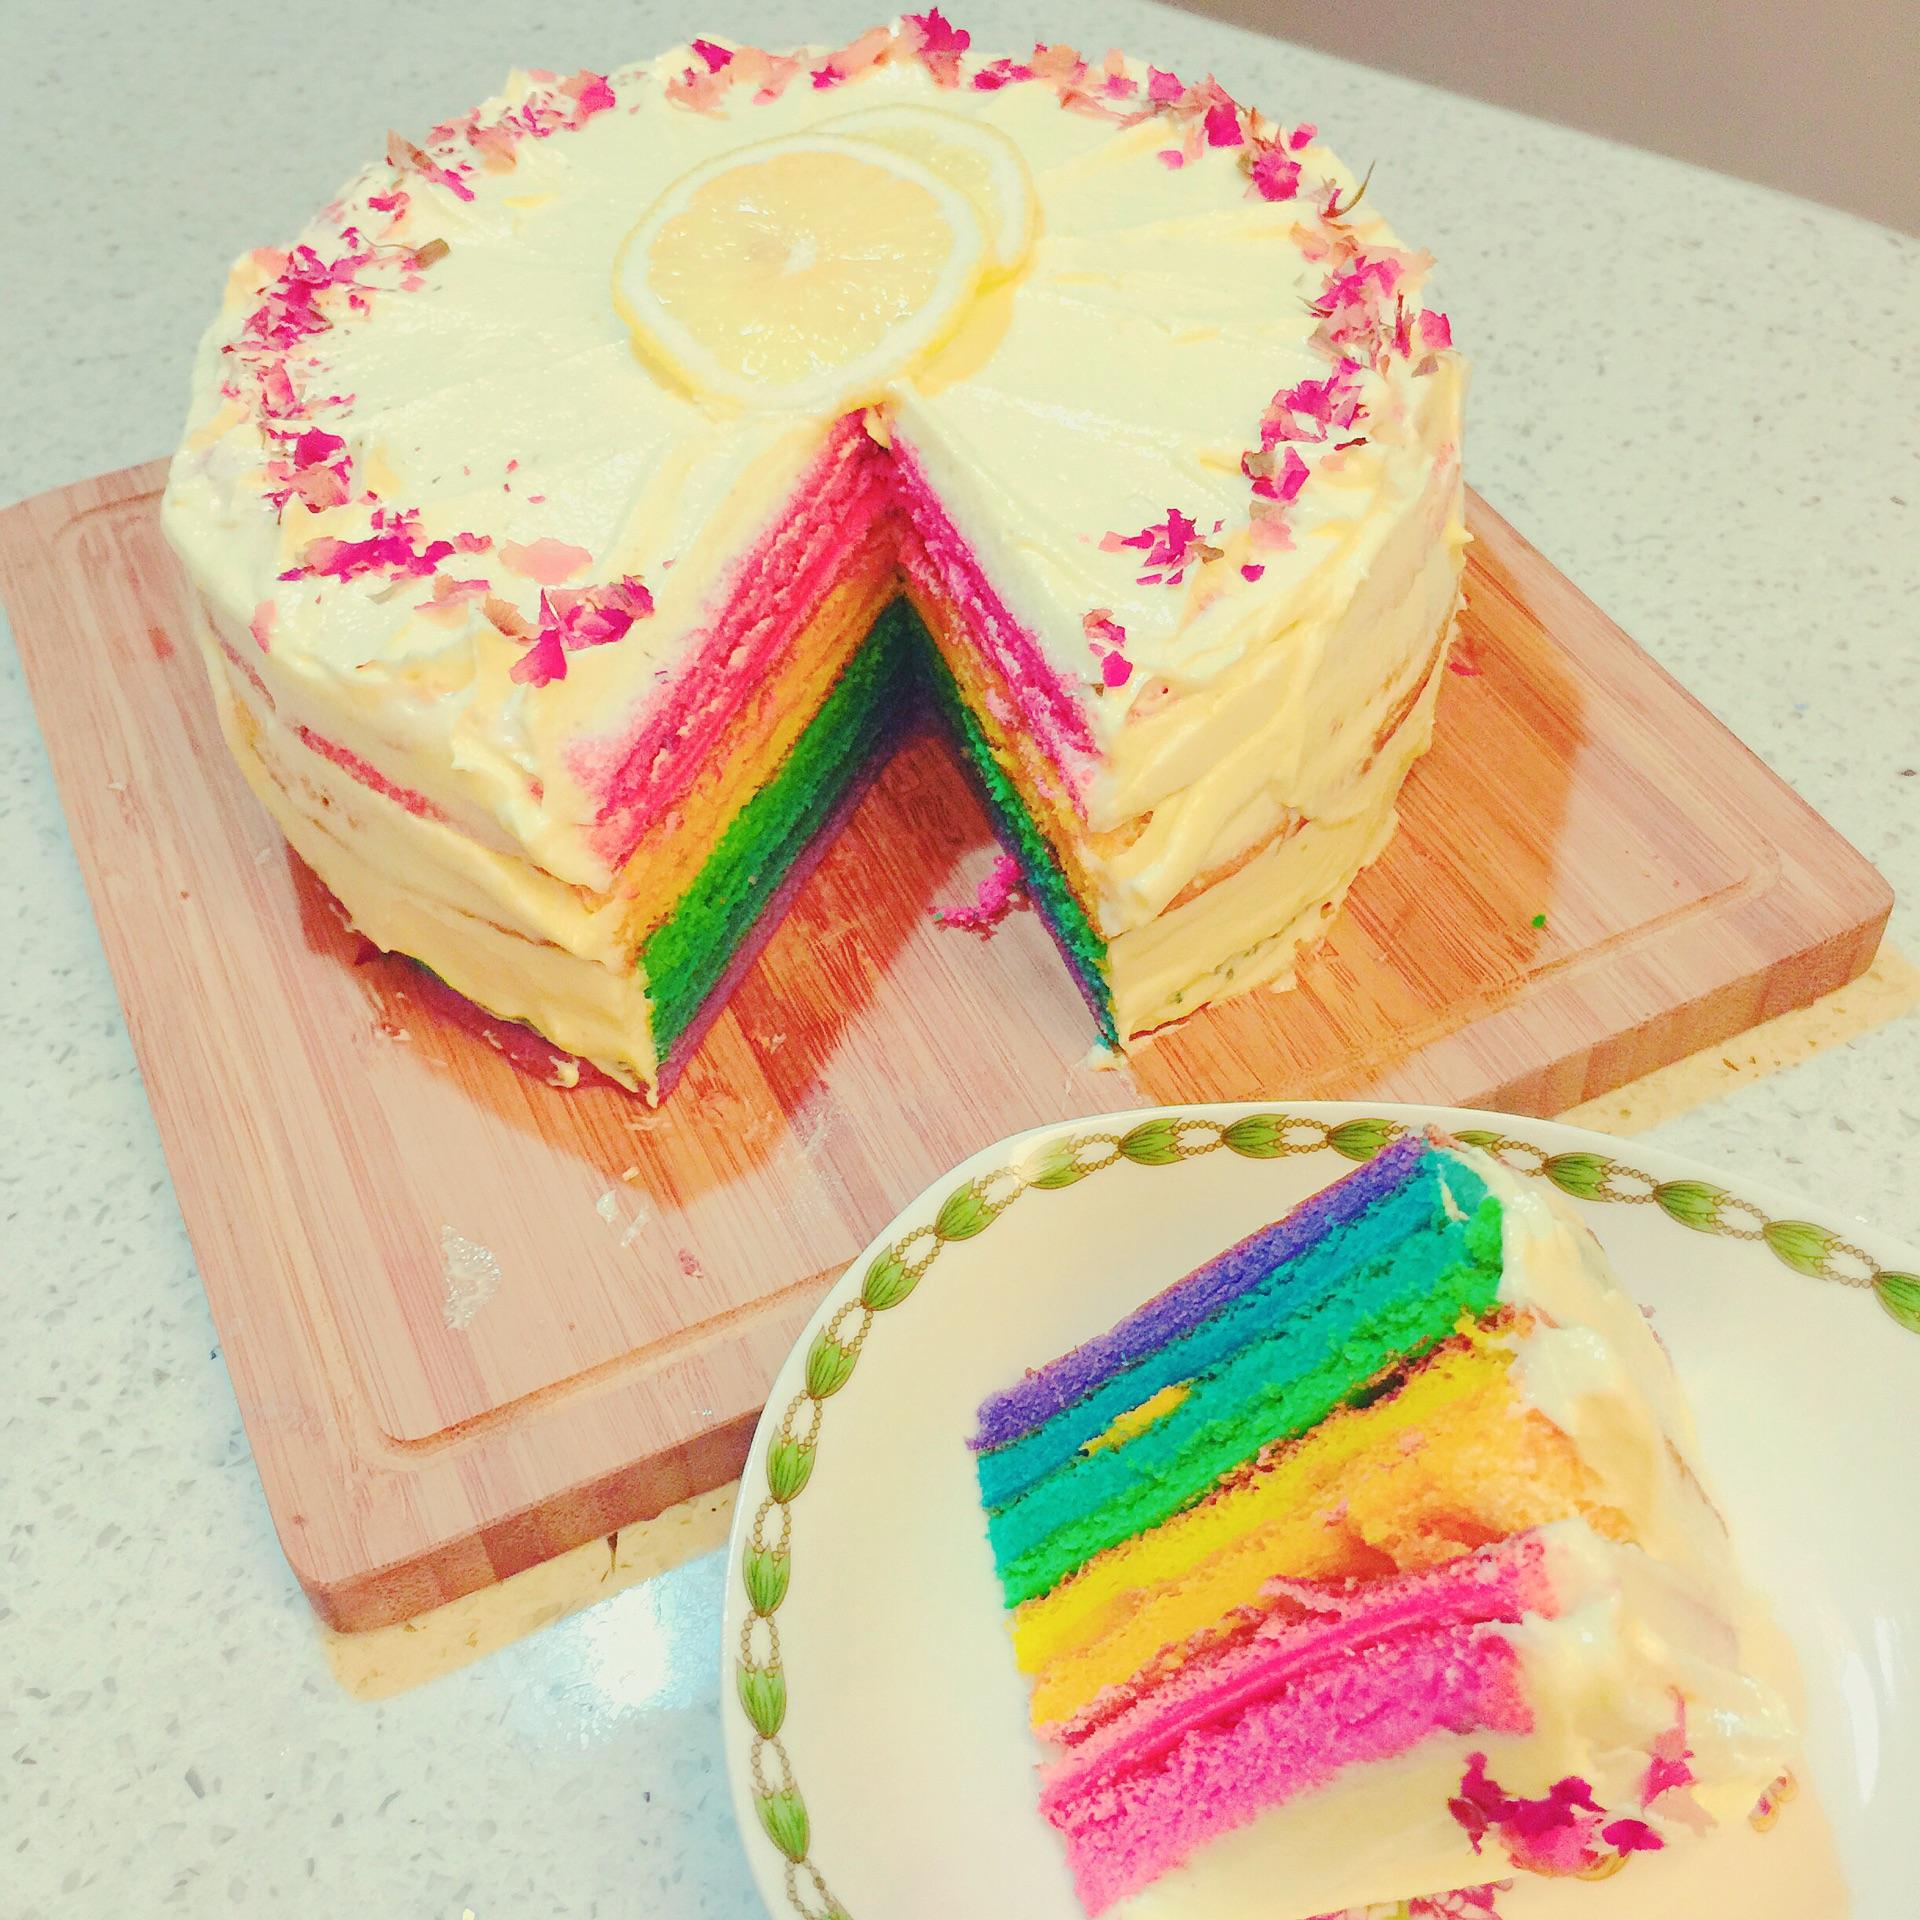 无背景蛋糕图片素材